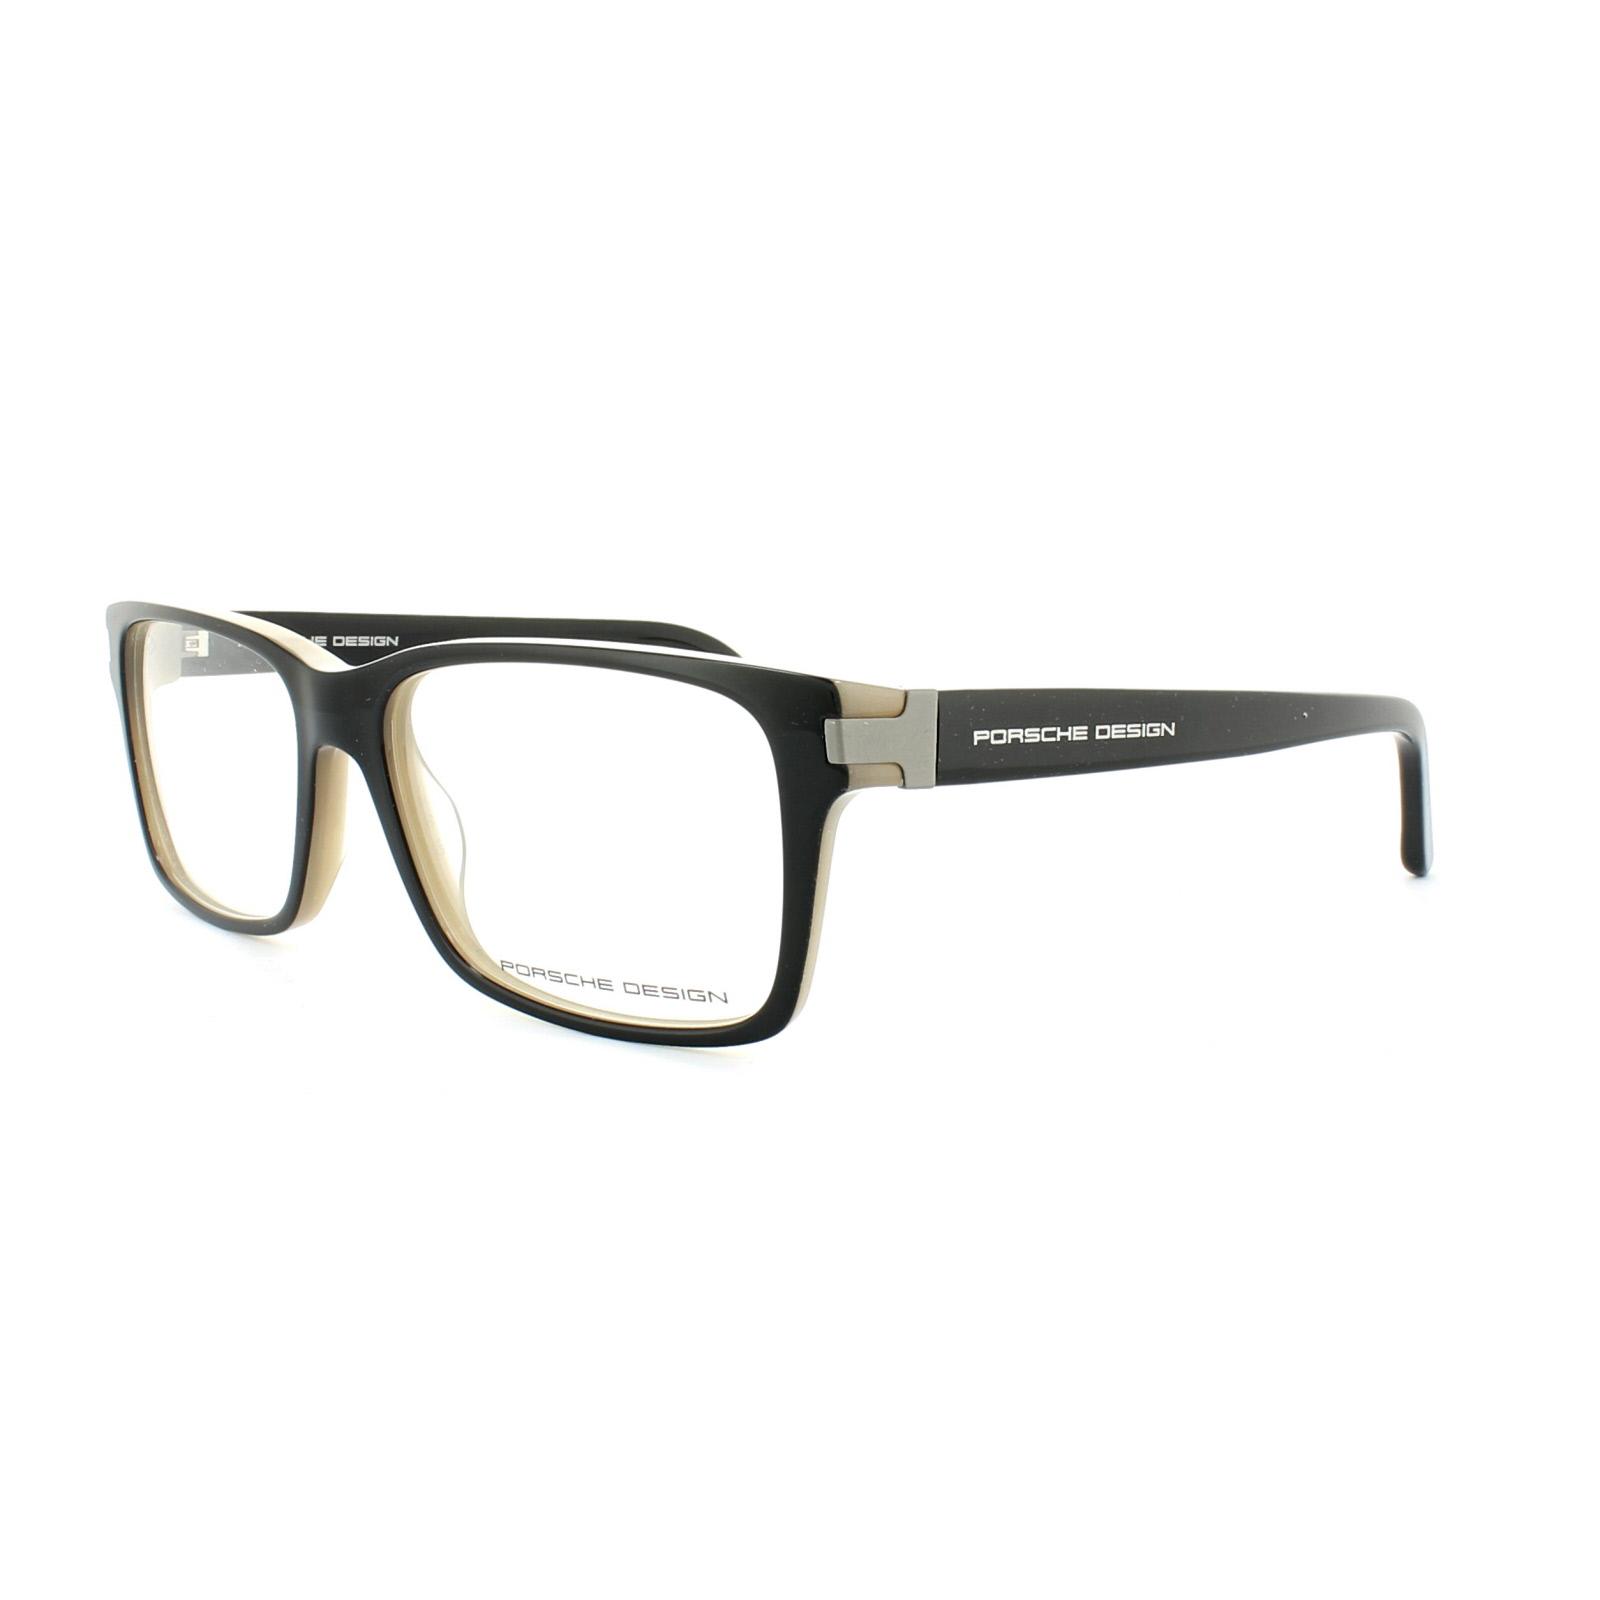 0eb490208aa7 Cheap Porsche Design Glasses - Discounted Sunglasses